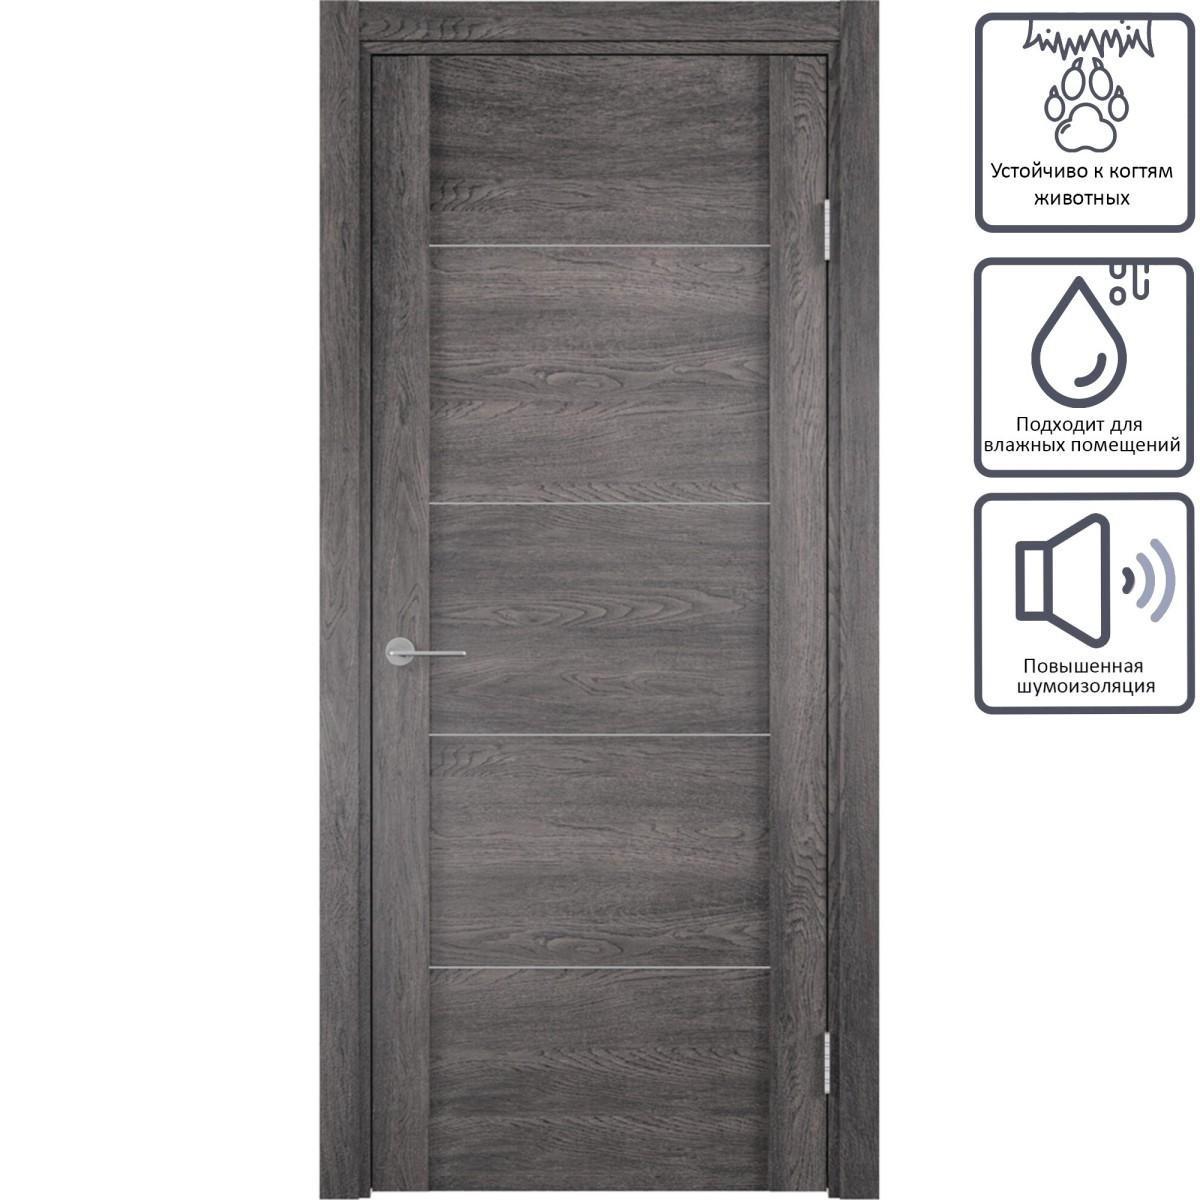 Дверь межкомнатная глухая с замком в комплекте Квадро 200x70 см ПВХ цвет шале серый